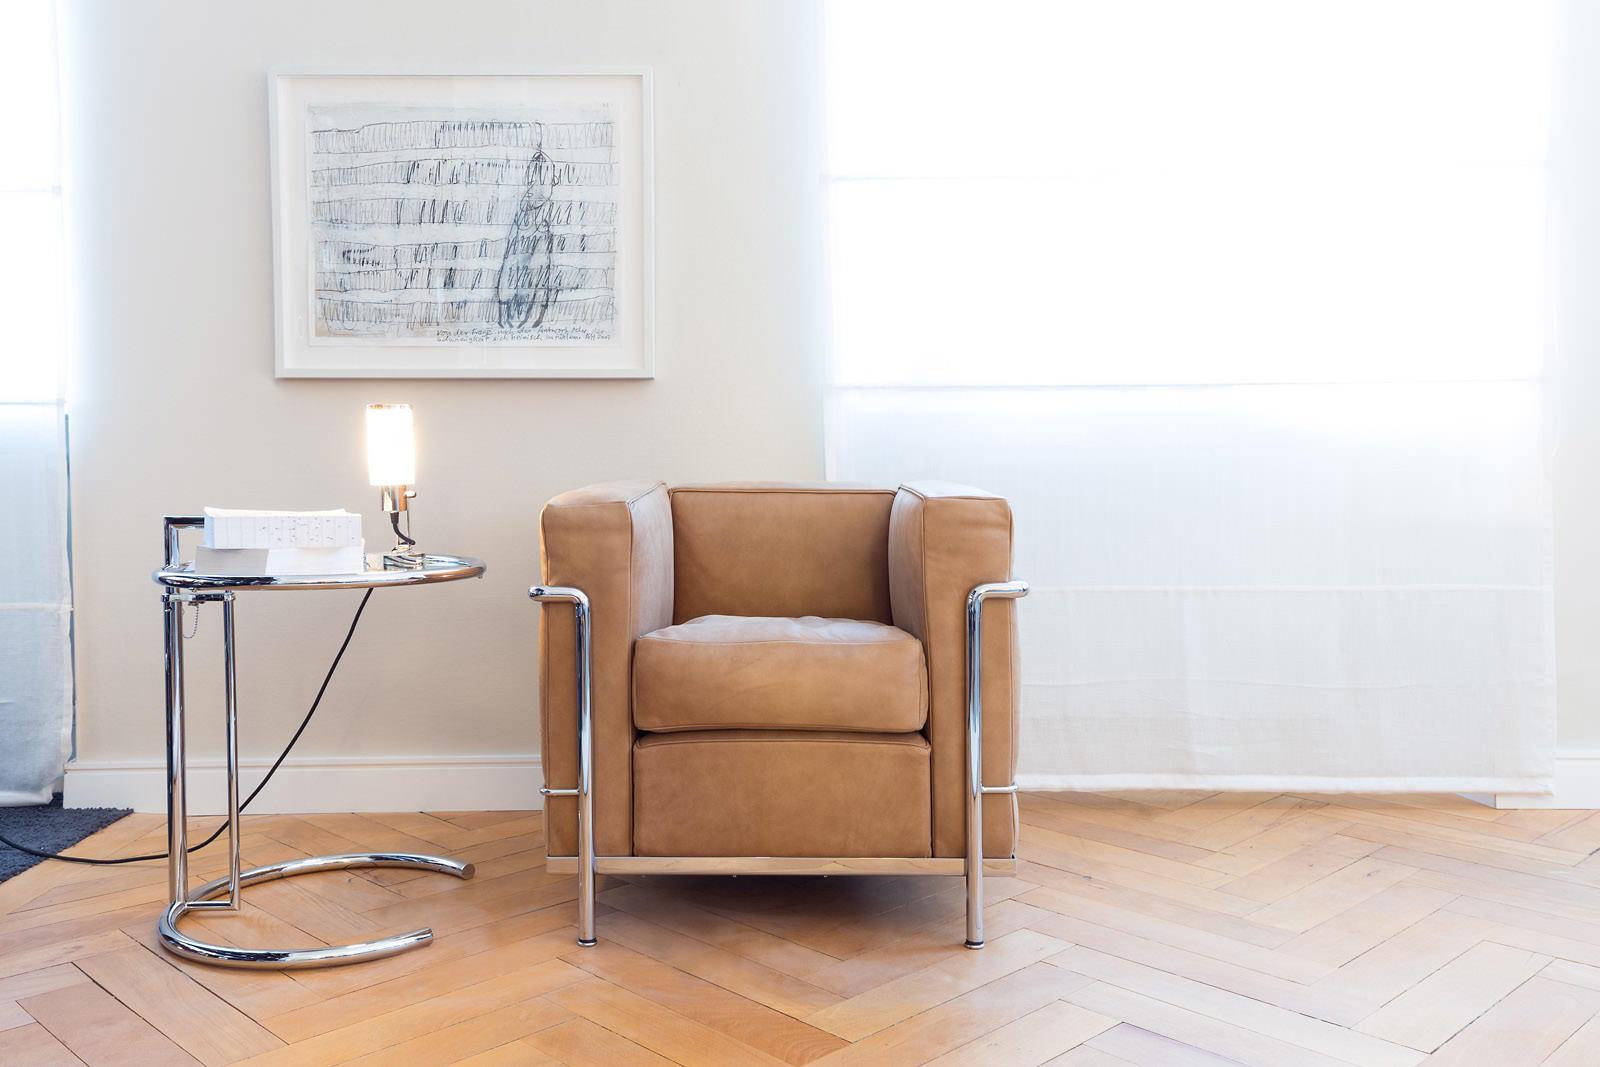 Der Sessel LC2 In Neuauflage Von Cassina S.p.A., 1978. In Zusammenarbeit  Von Le Corbusier ...